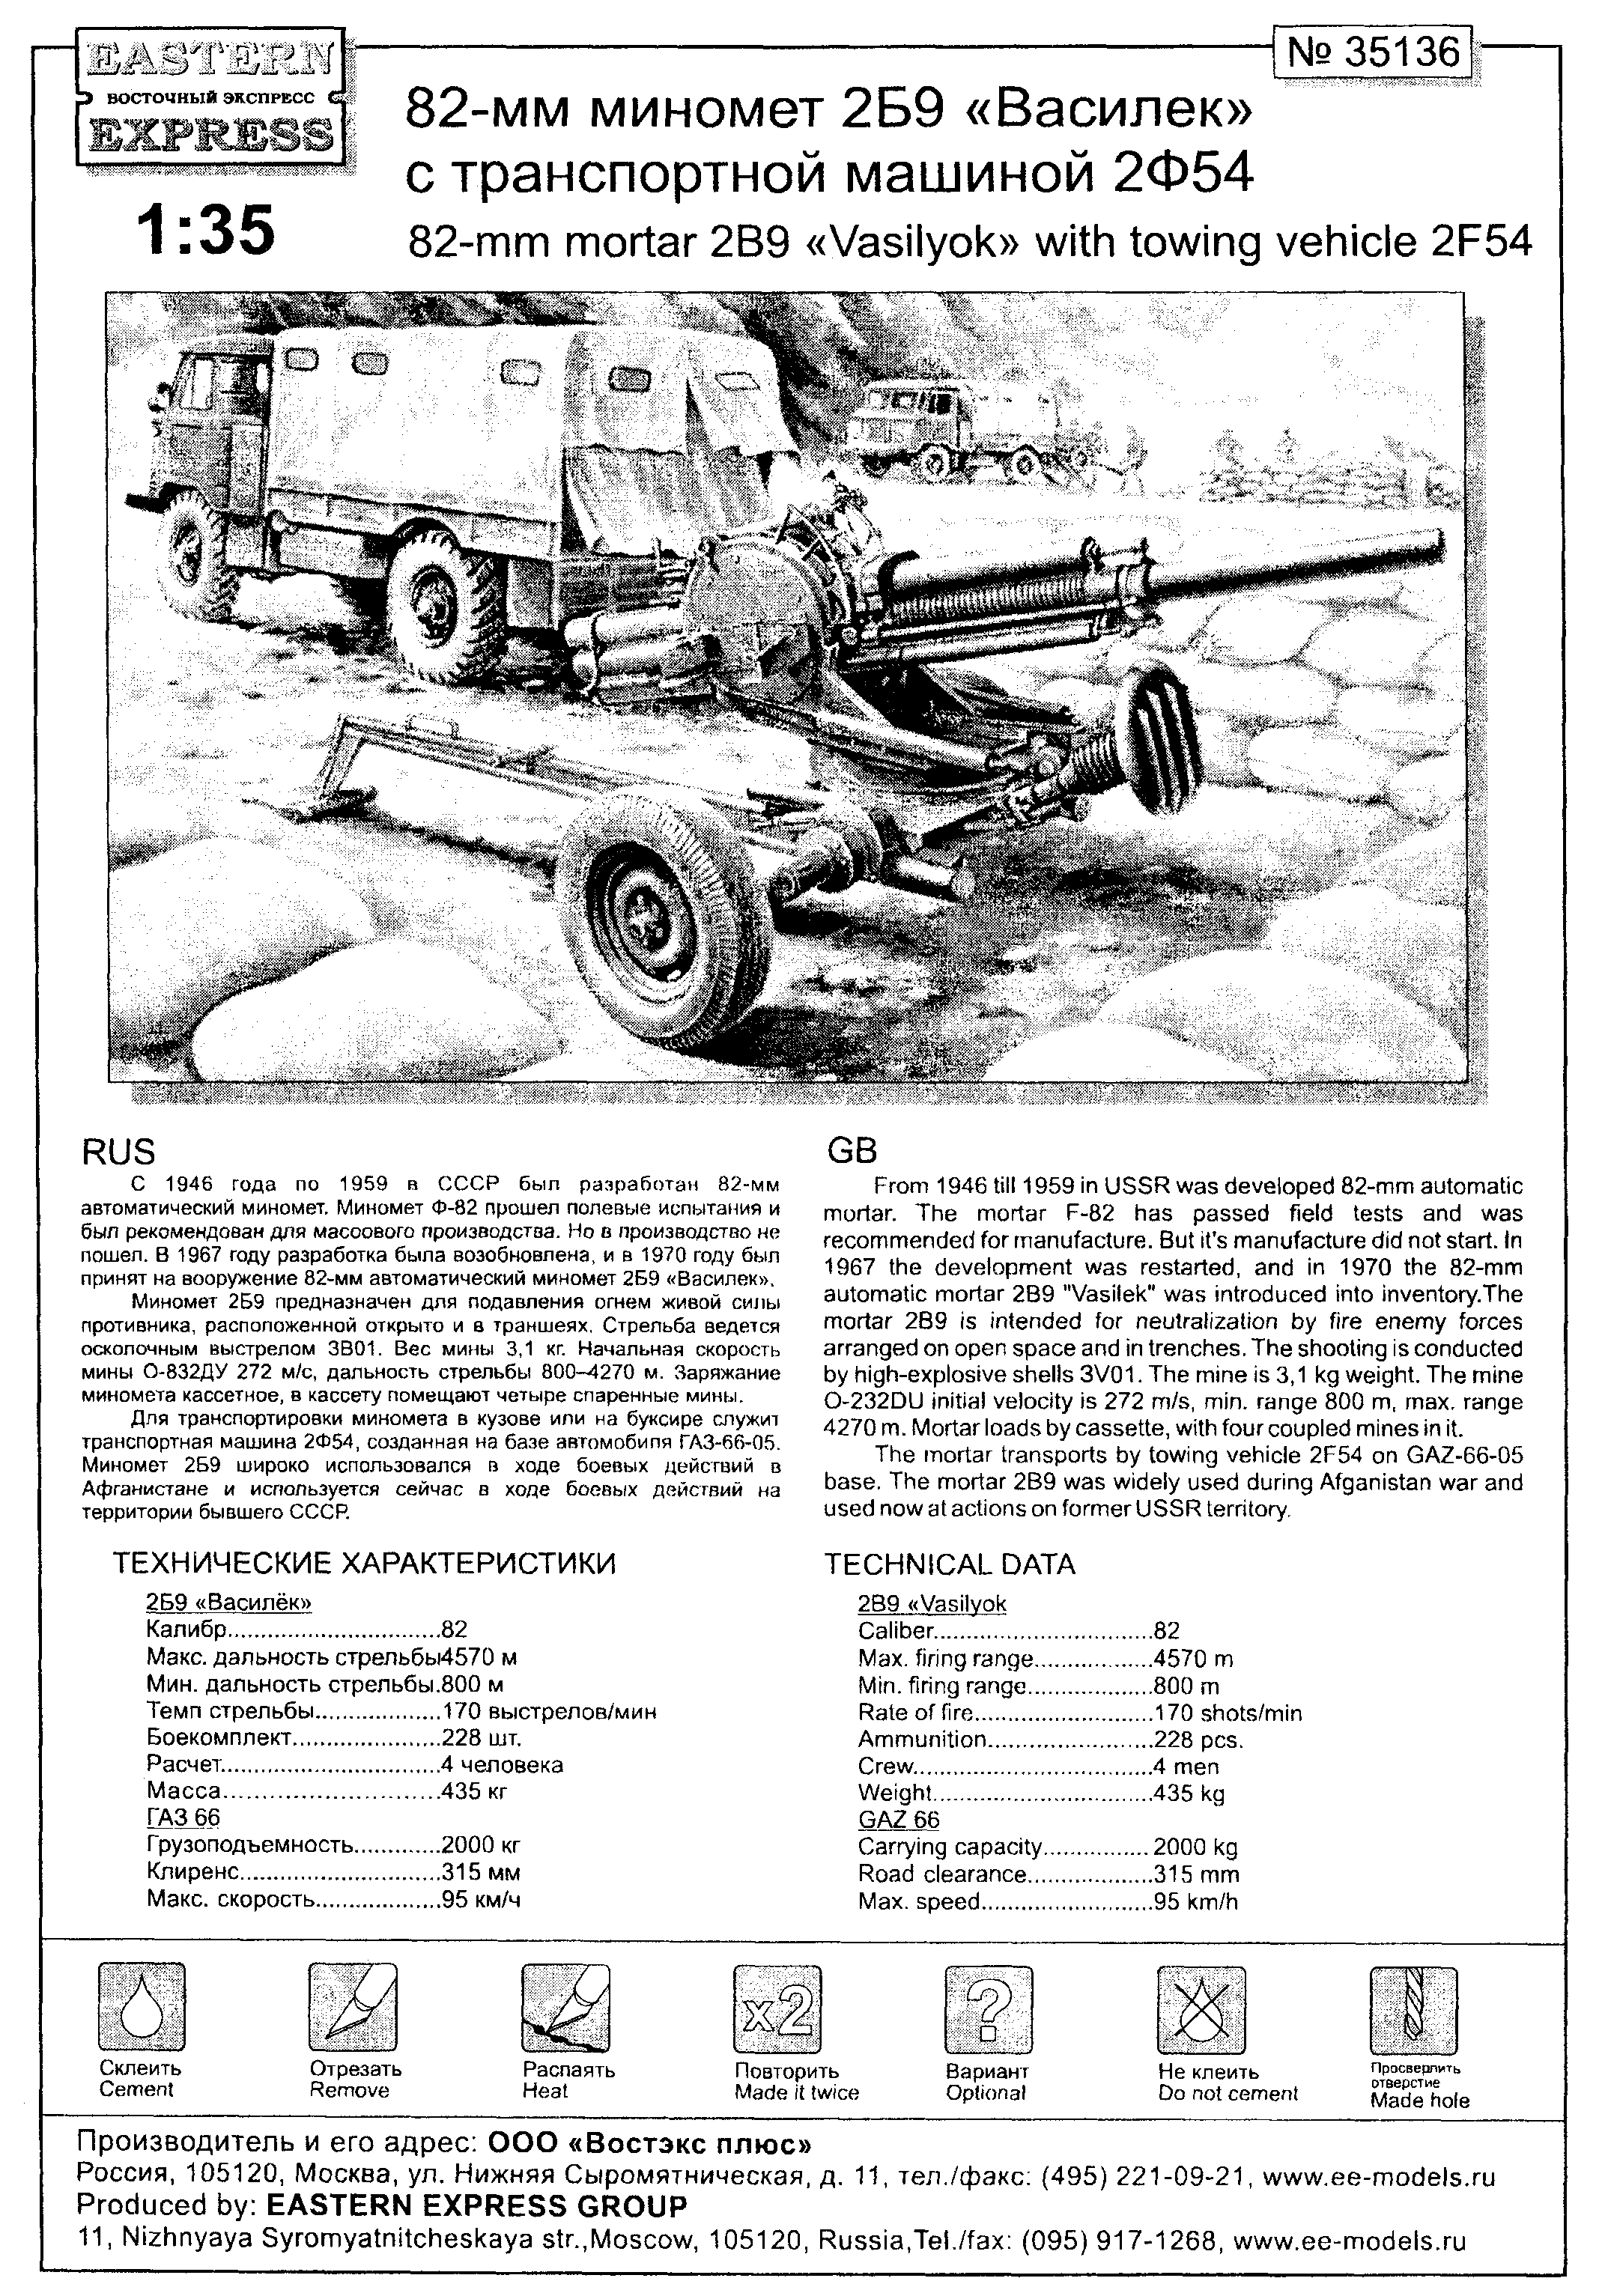 2с4 тюльпан самоходный миномет 240-мм видео. фото. скорость